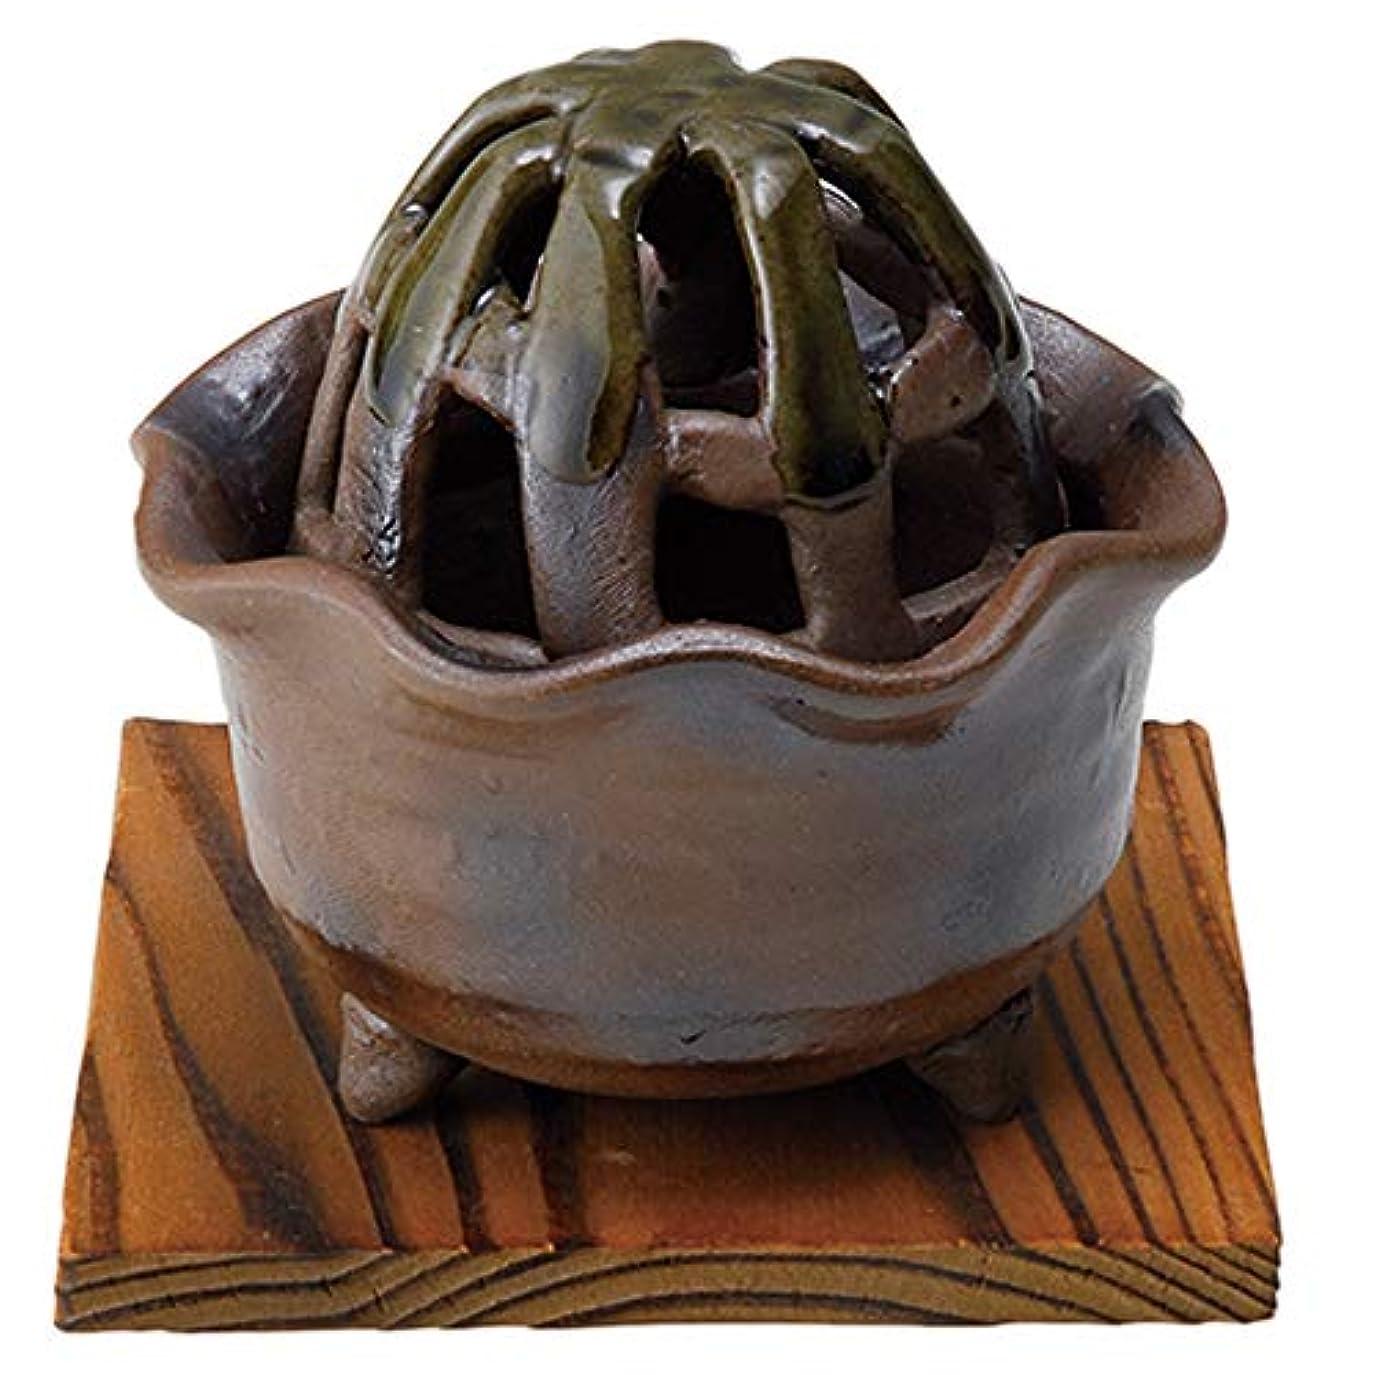 香炉 窯変花型 手づくり香炉 [R8.8xH8.5cm] HANDMADE プレゼント ギフト 和食器 かわいい インテリア